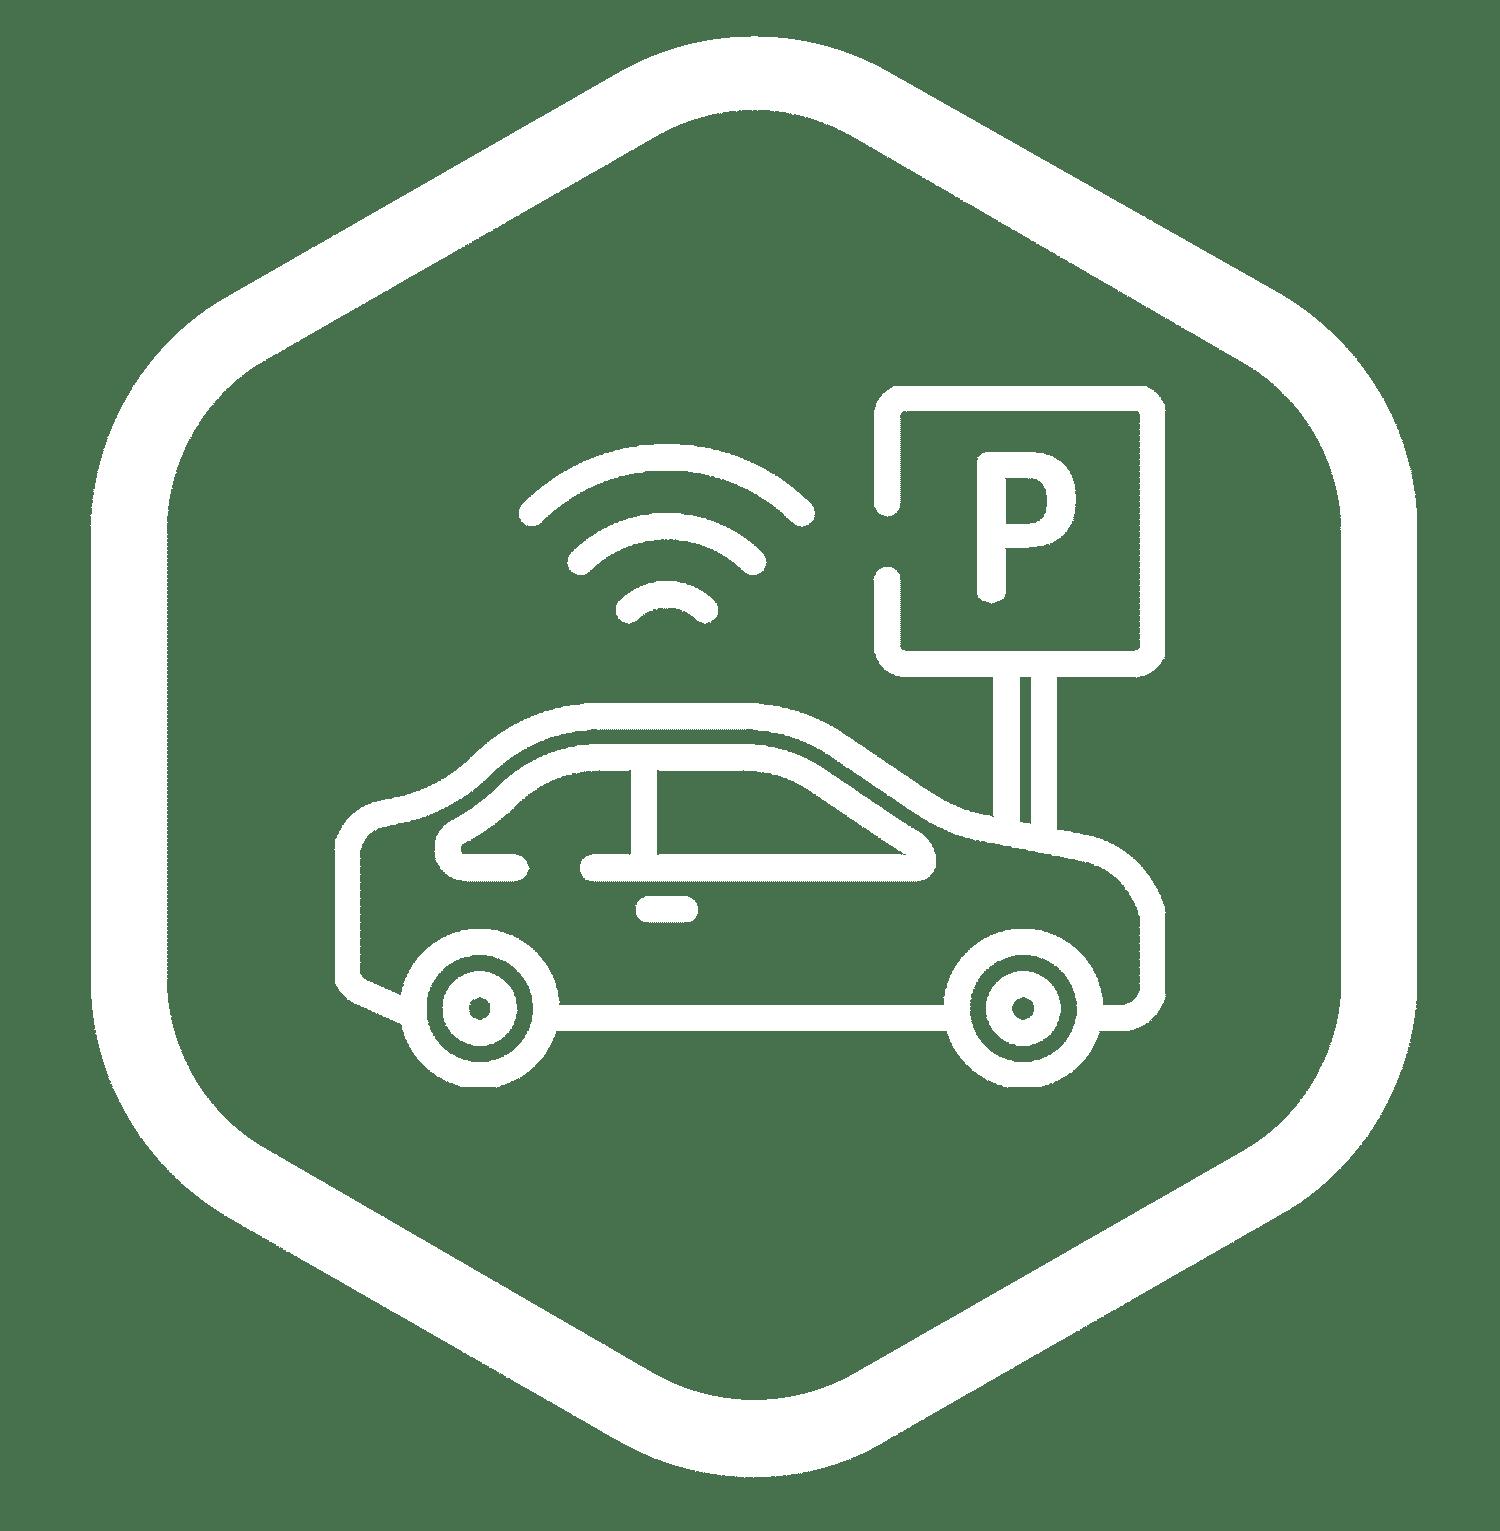 Free Parking image